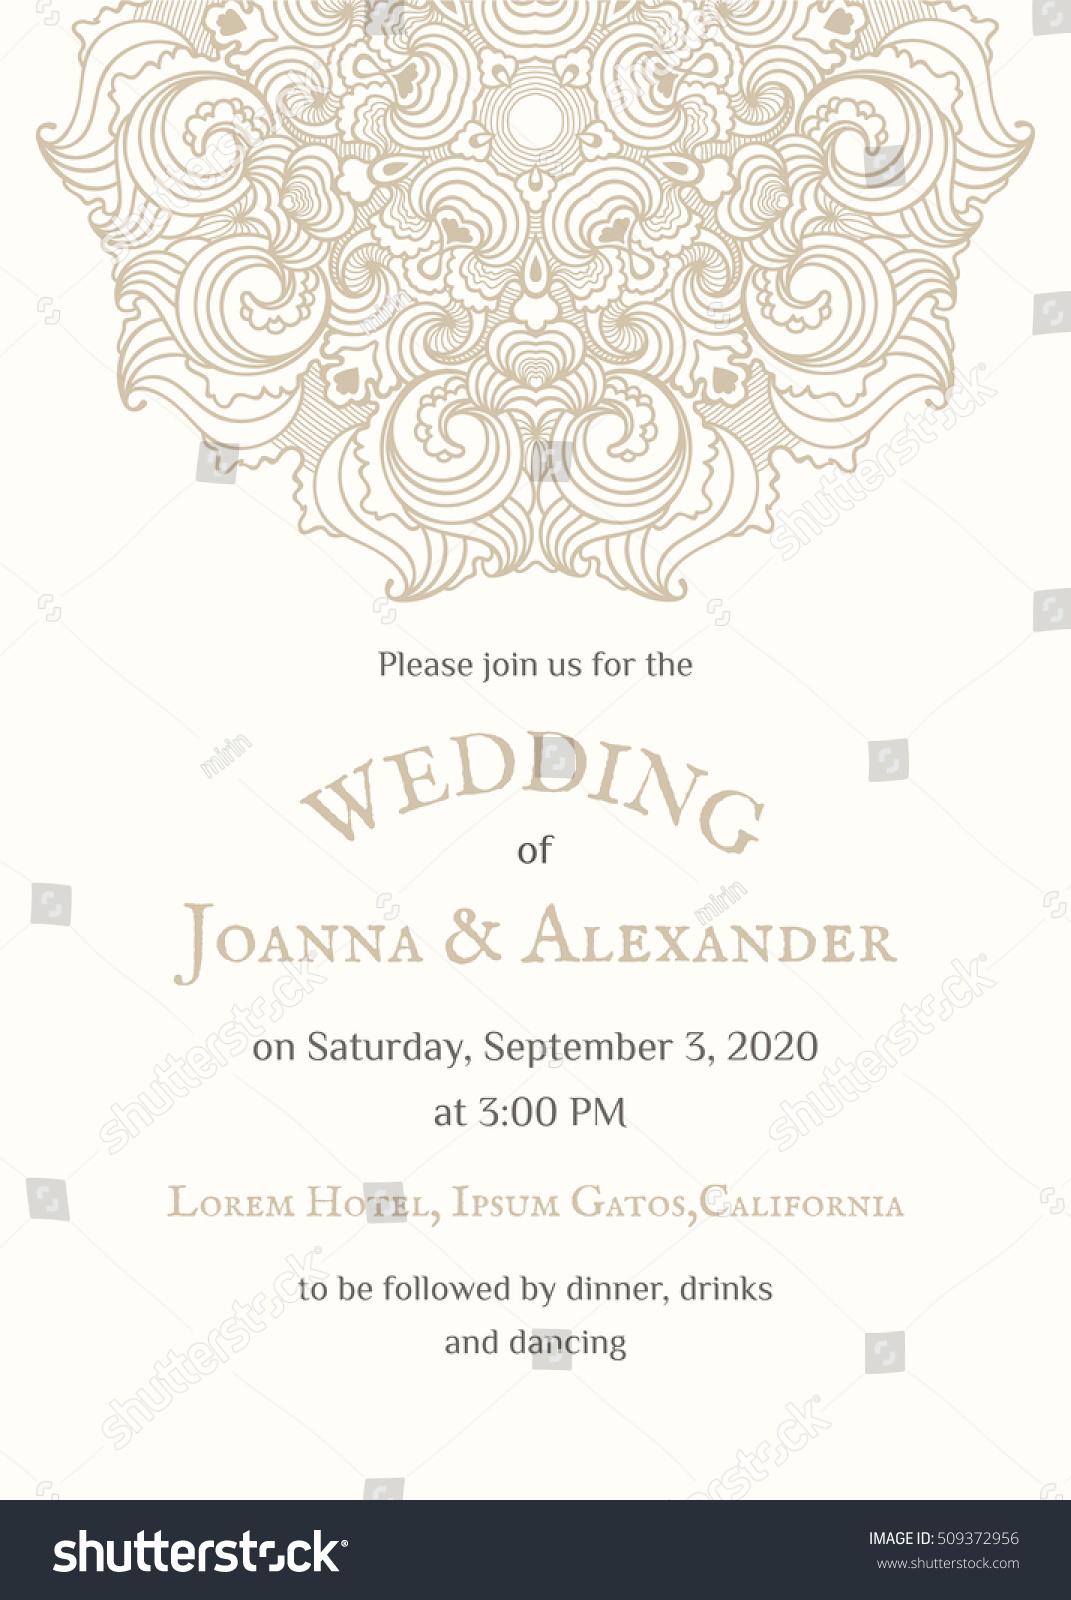 graphic invite sample mandala invitation announcement stock vector